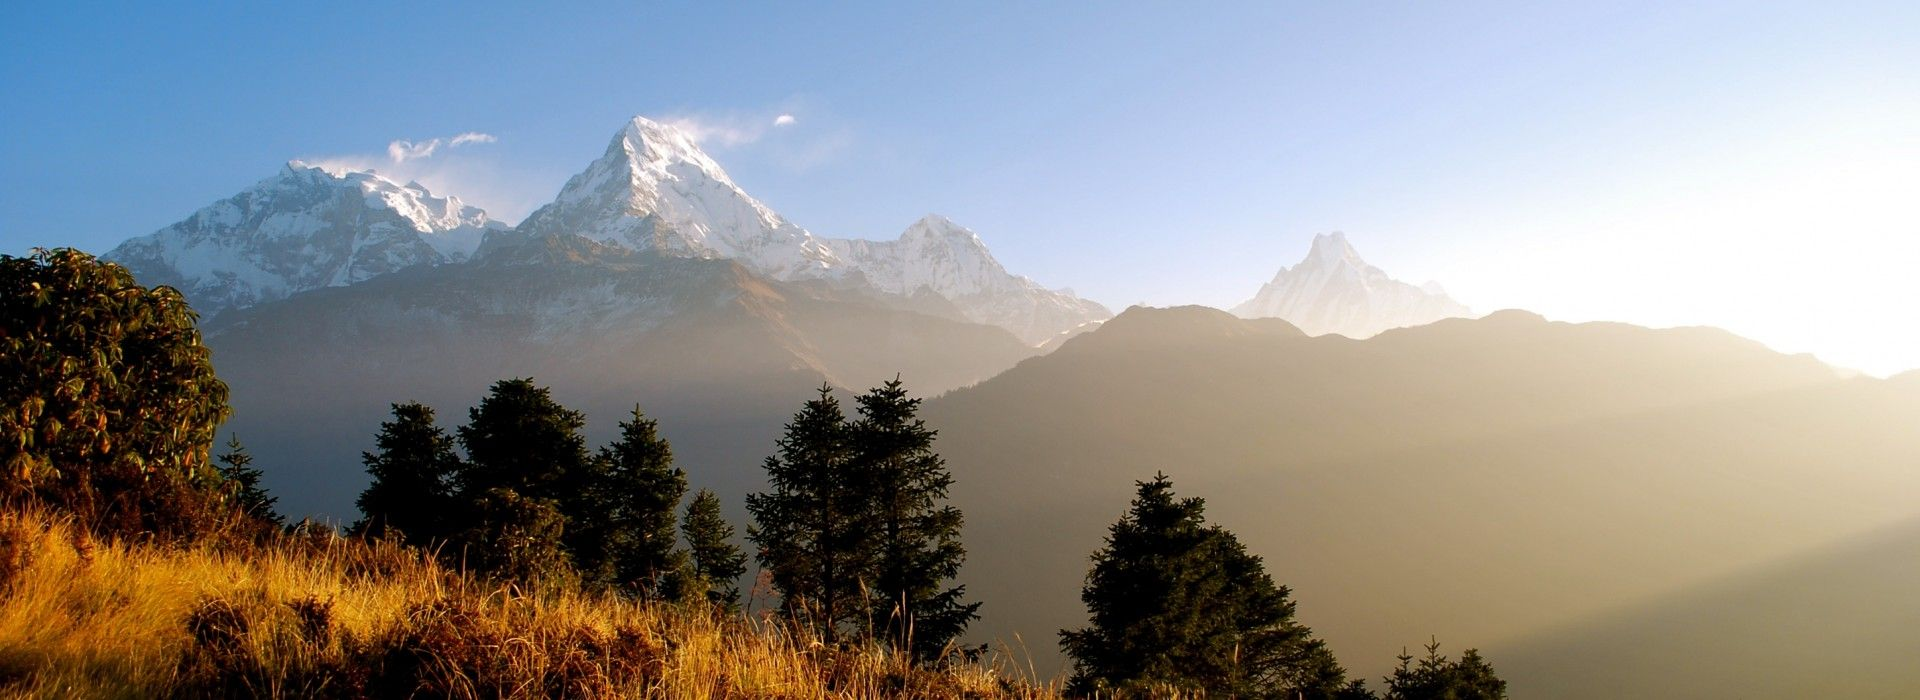 Adventure Tours in Mera Peak